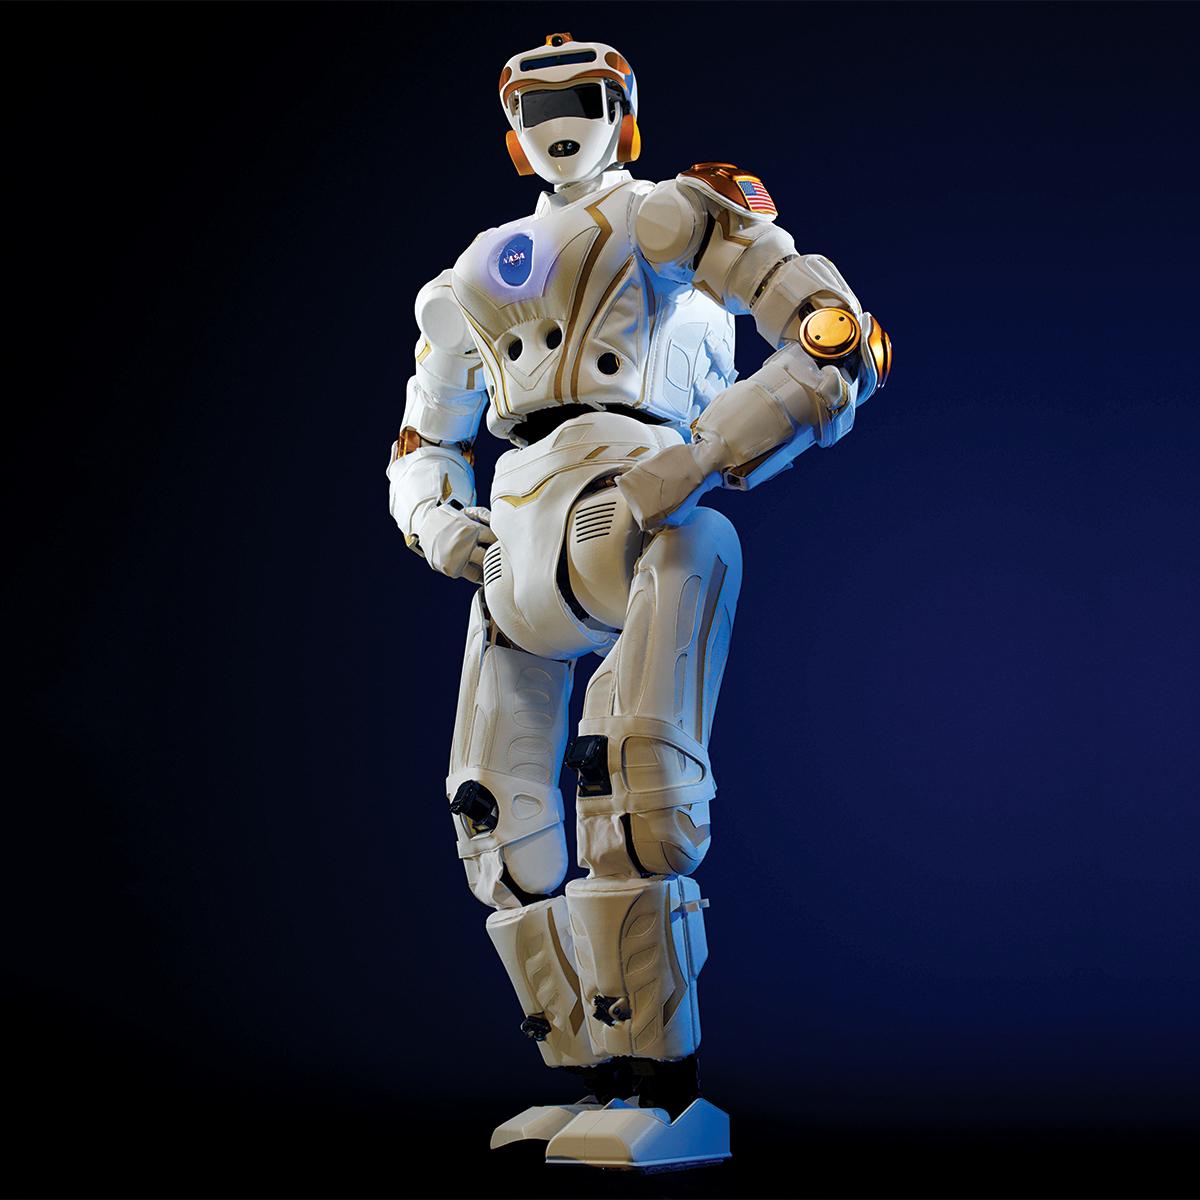 nasa-robot-valkyrie